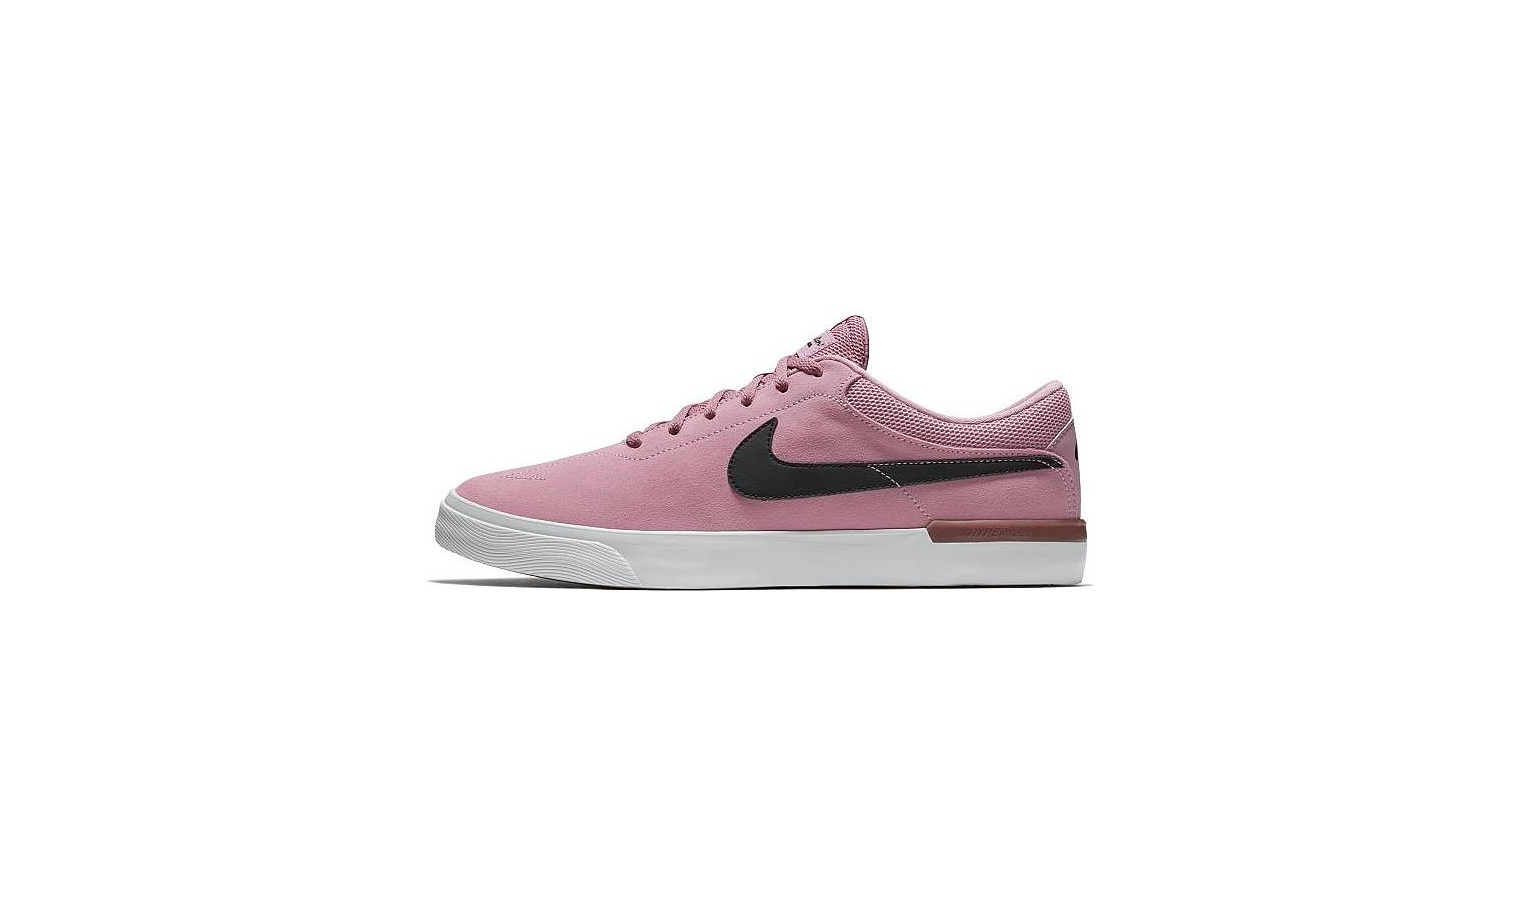 ... Pánske tenisky Nike SB HYPERVULC ERIC Koston ružové. Zľava 59f4ecc7cb2